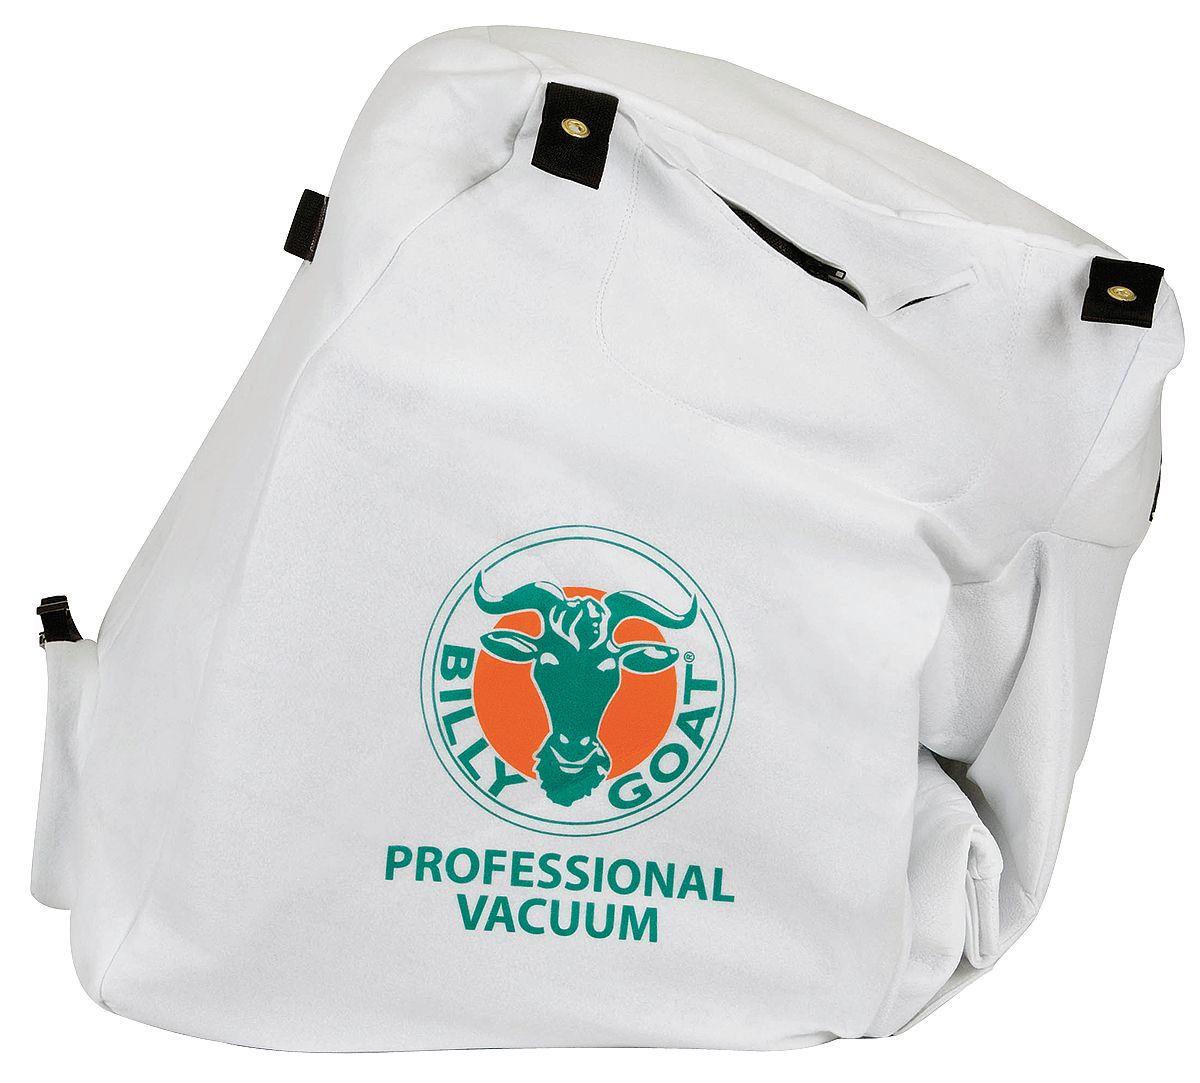 Фетровый мешок для пылесосов Billy Goat серии KV (арт. 891126)  стандартный мешок для пылесосов billy goat серии qv арт 831612